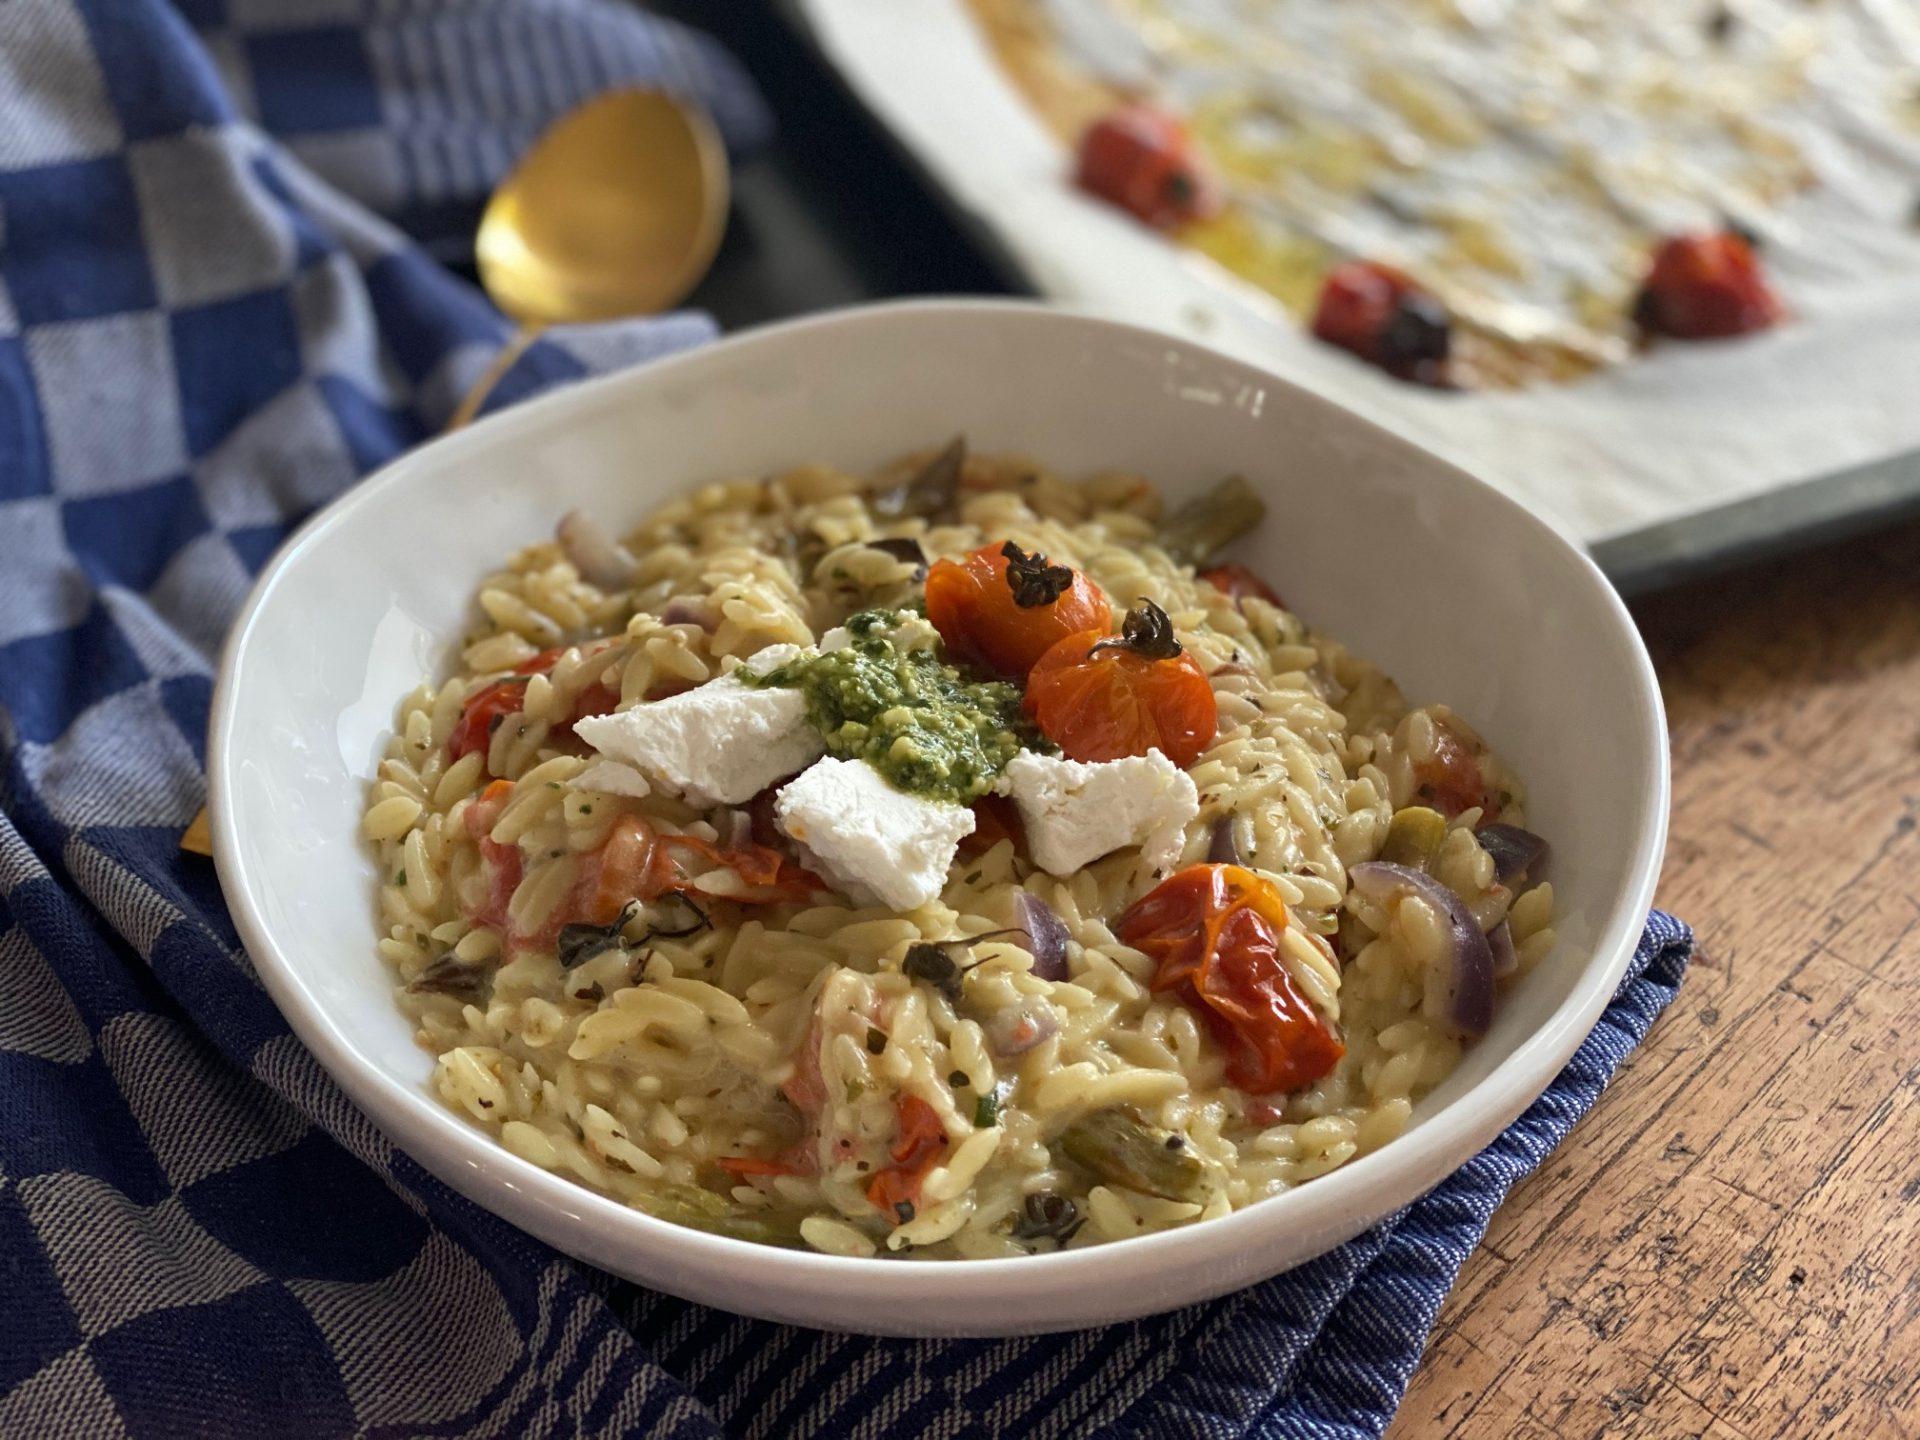 Orzotto met geitenkaas, pesto en geroosterde tomaatjes - Recept van Foodblog Foodinista